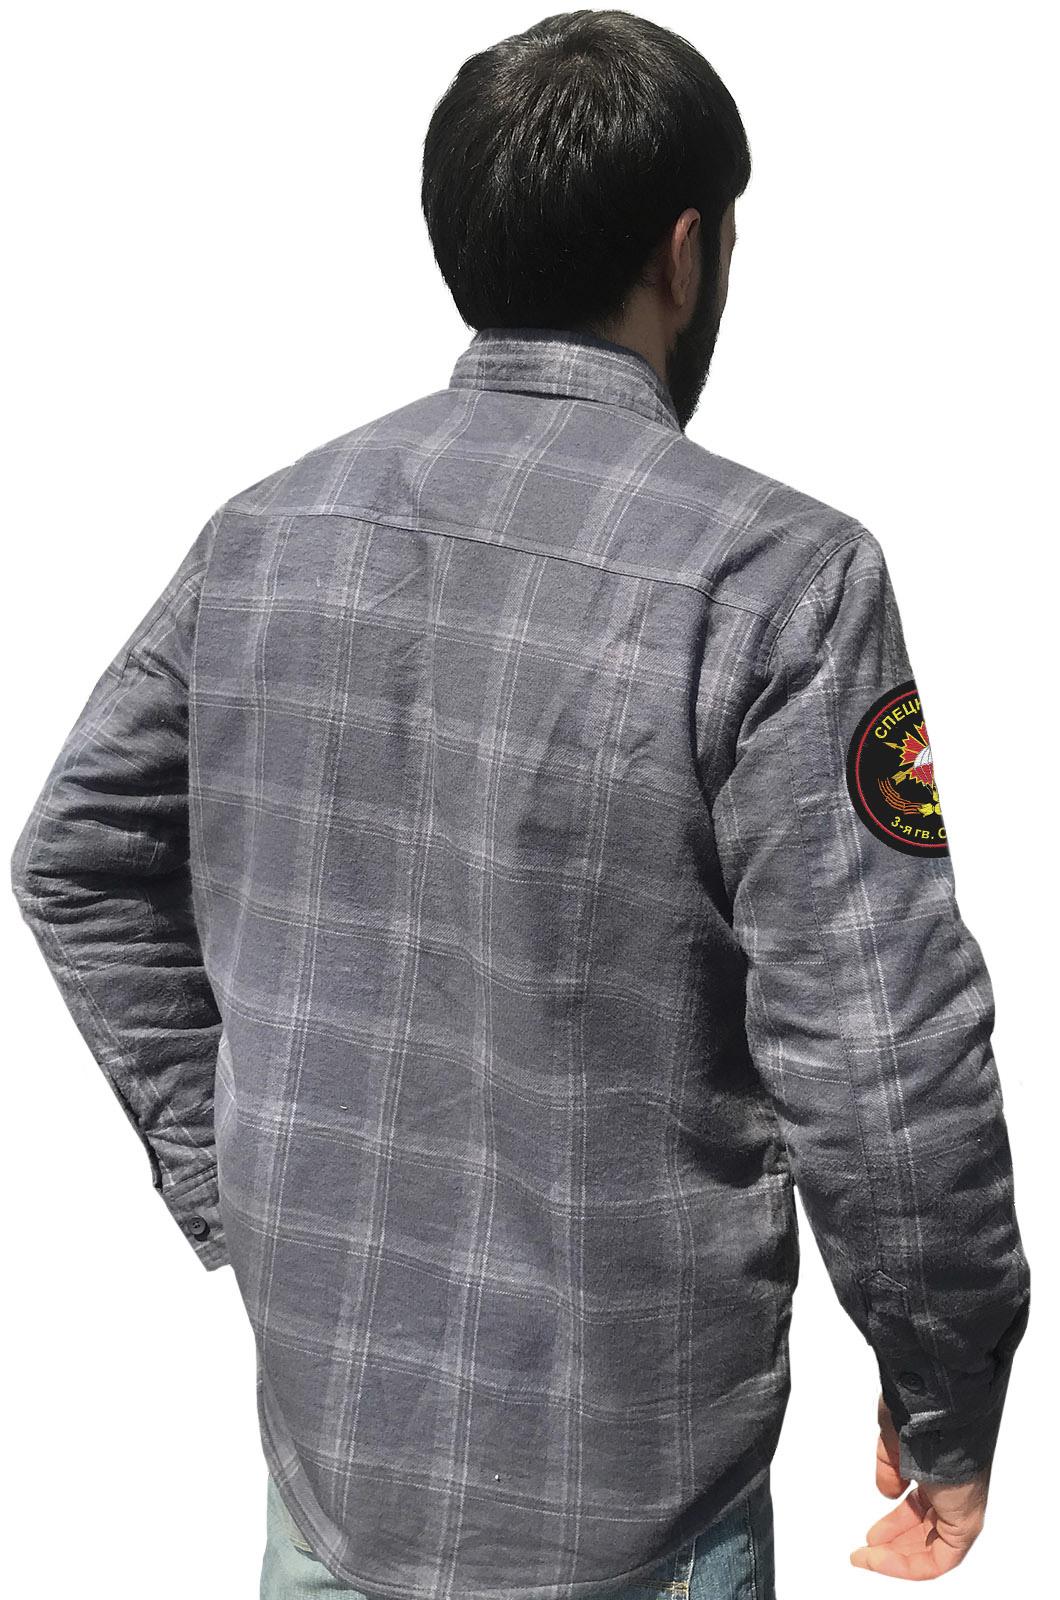 Рубашка серая с нашивкой 3-я ОБрСпН ГРУ заказать с доставкой